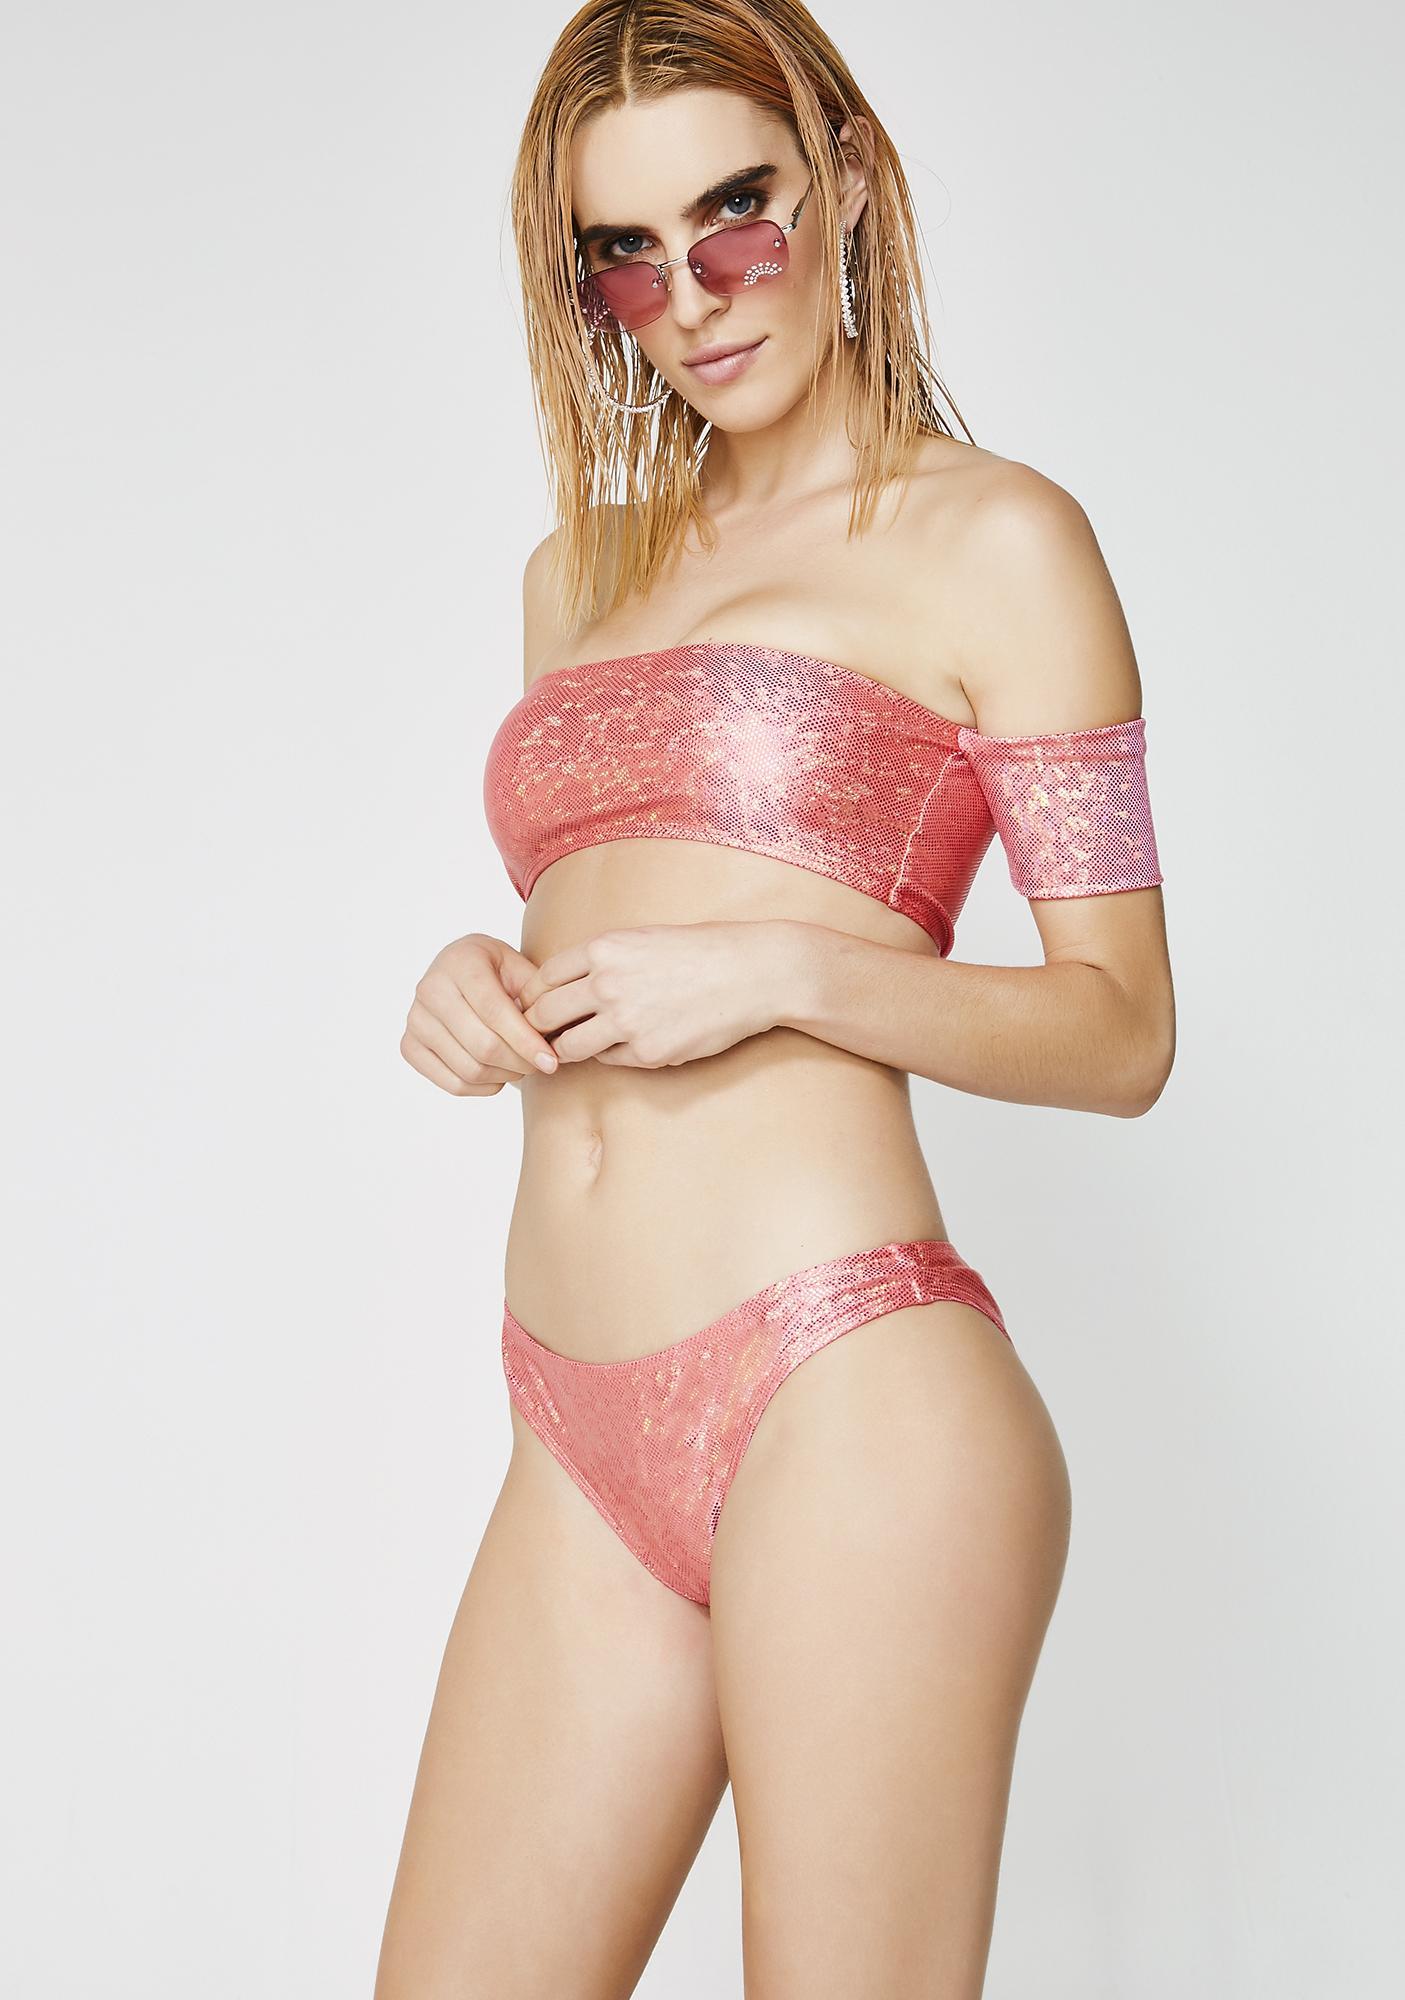 New Galaxy Bikini Top